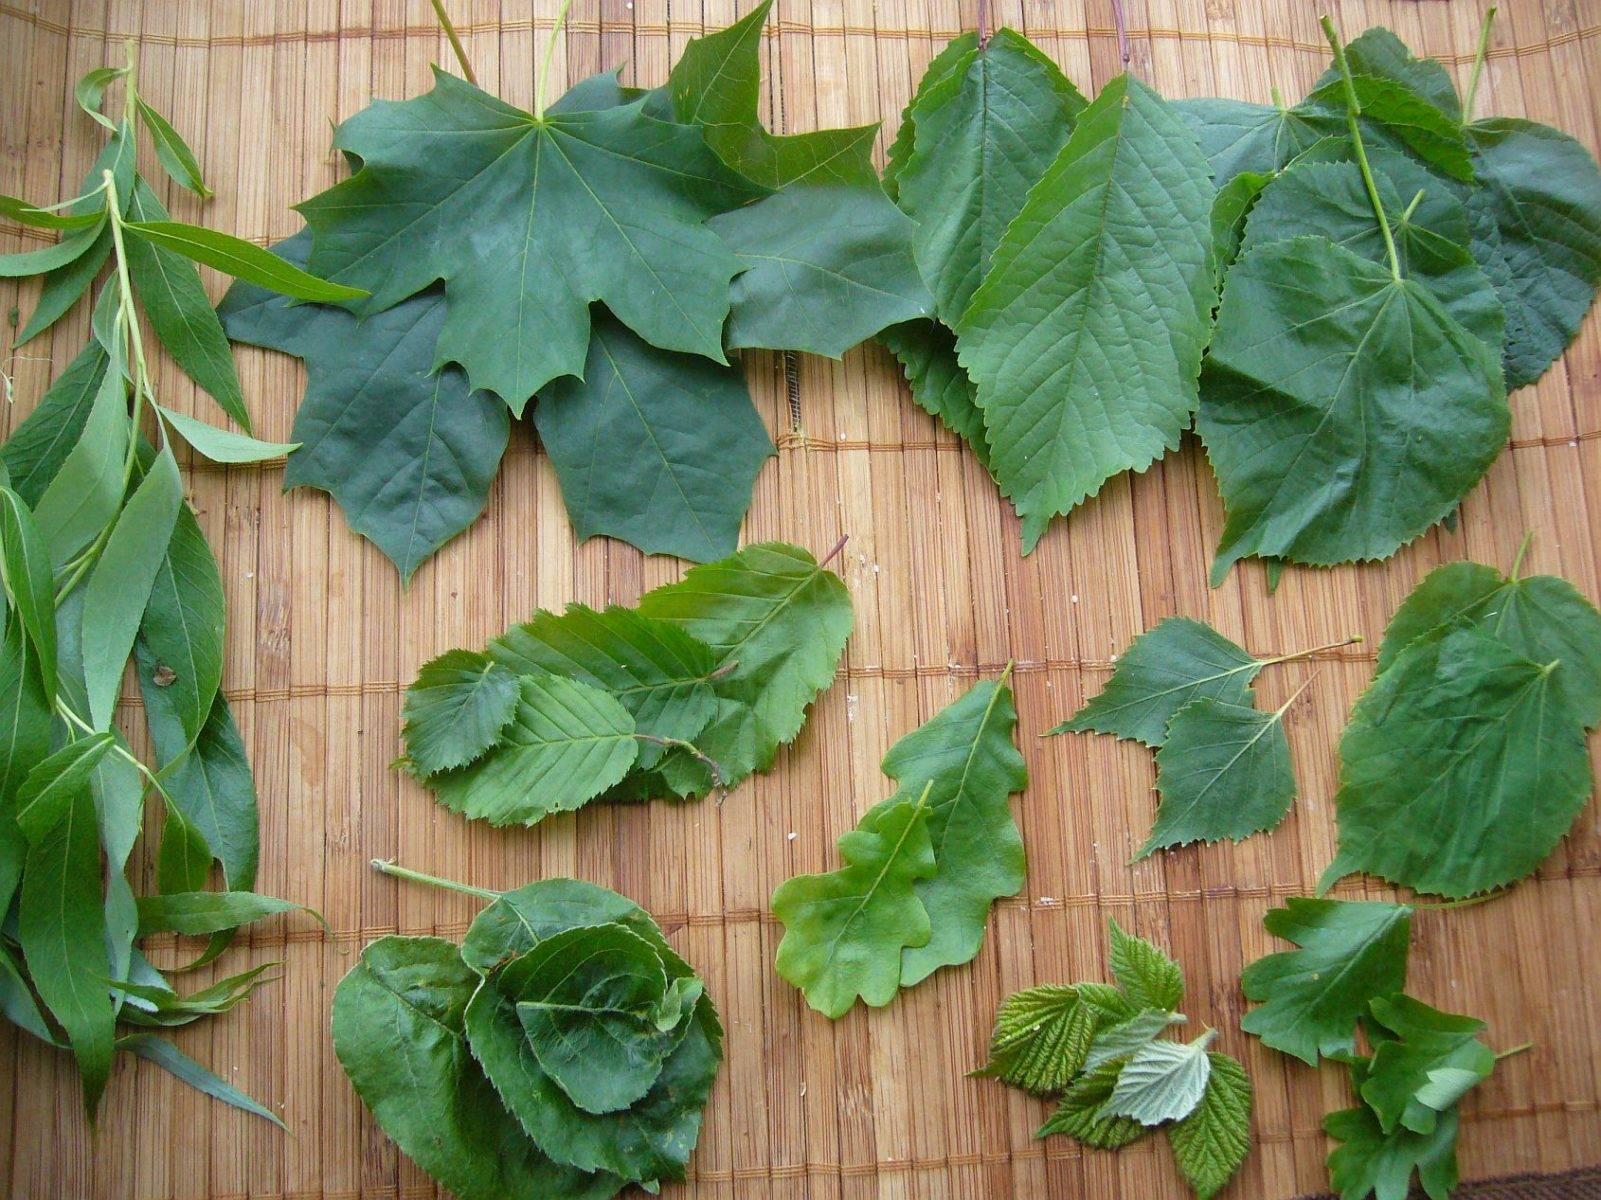 Baumblätter - essbares Wildgrün von oben